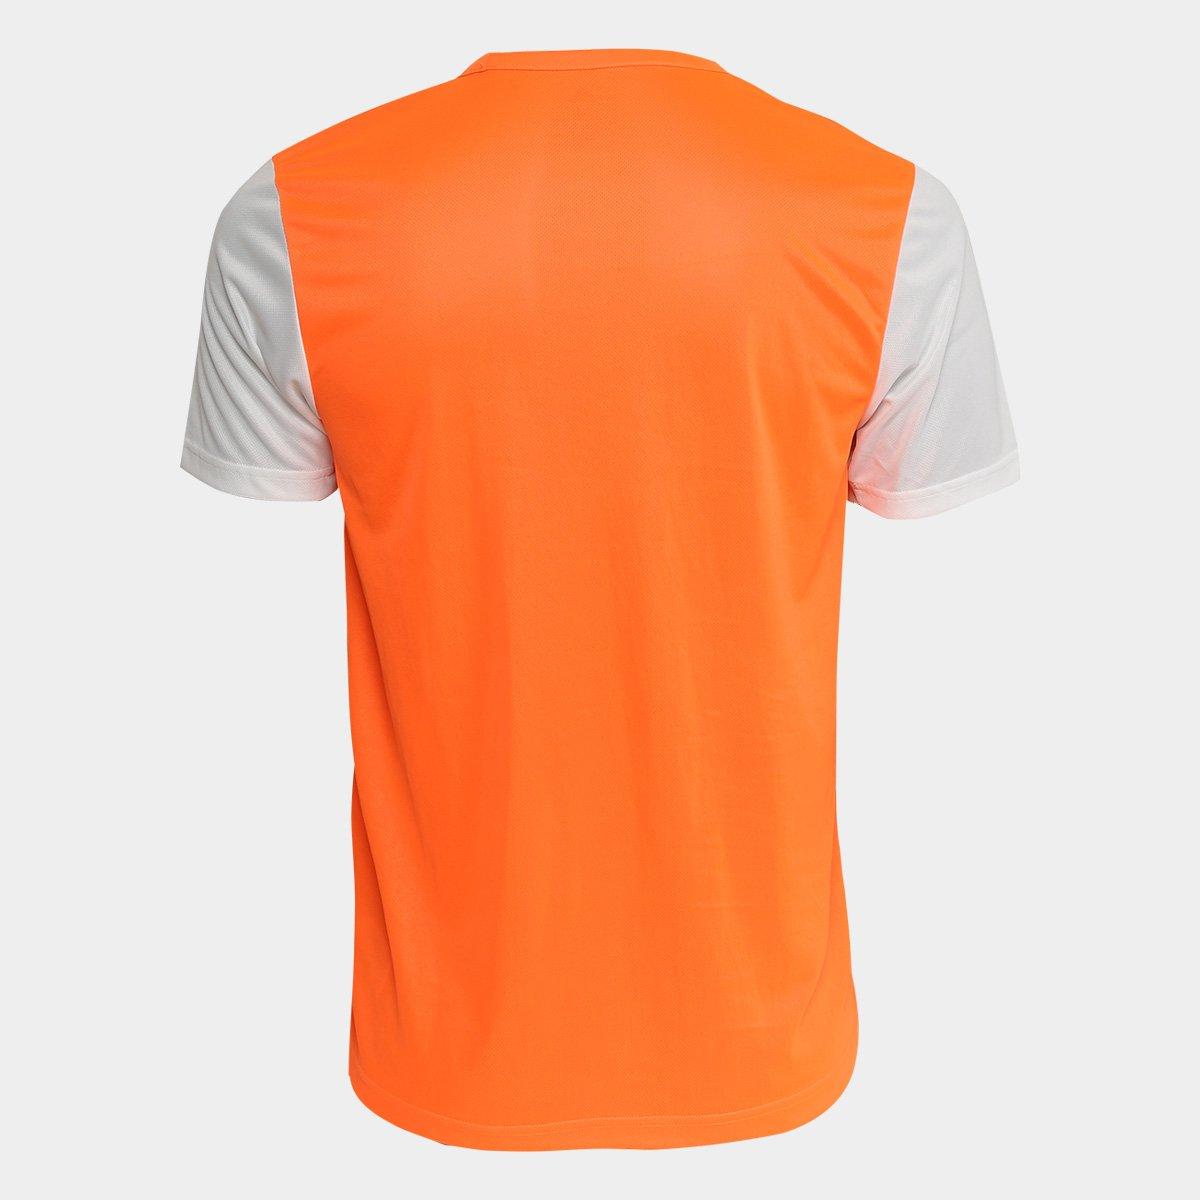 9500cfba7b Camisa Adidas Estro 19 Masculina - Laranja - Compre Agora